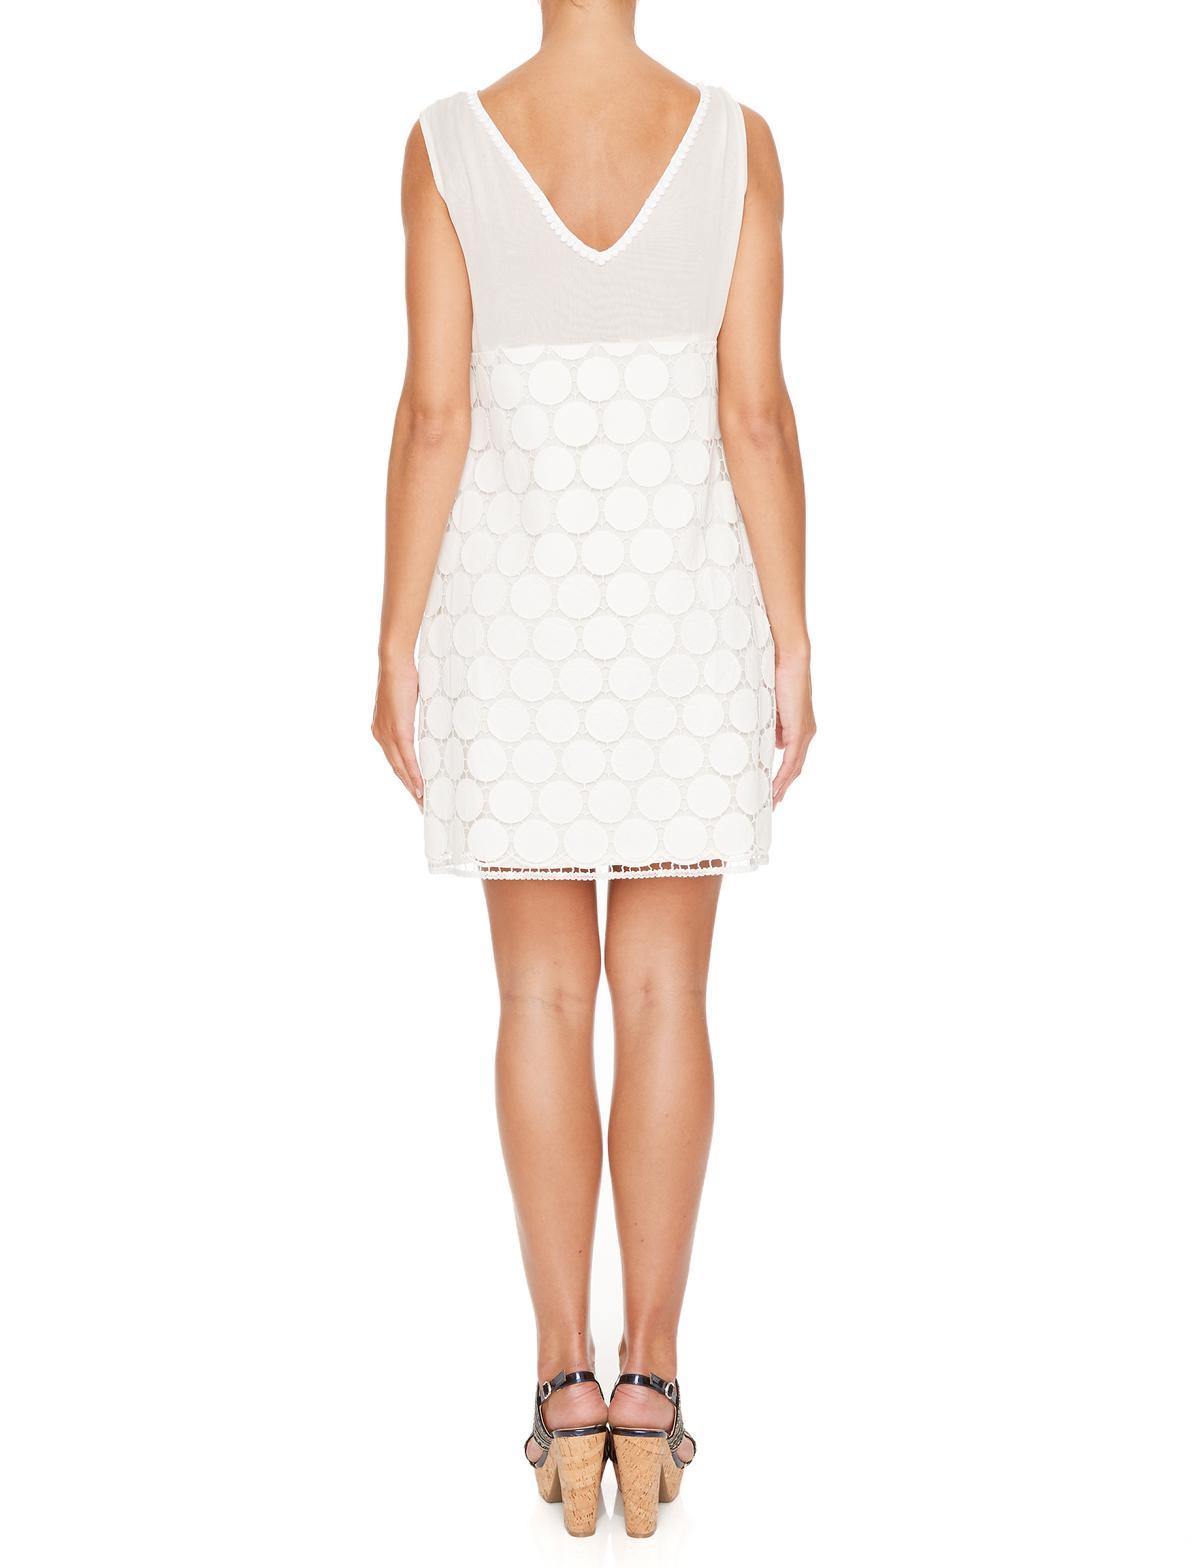 Rückansicht von Ana Alcazar A-Linien Kleid Maiveas  angezogen an Model